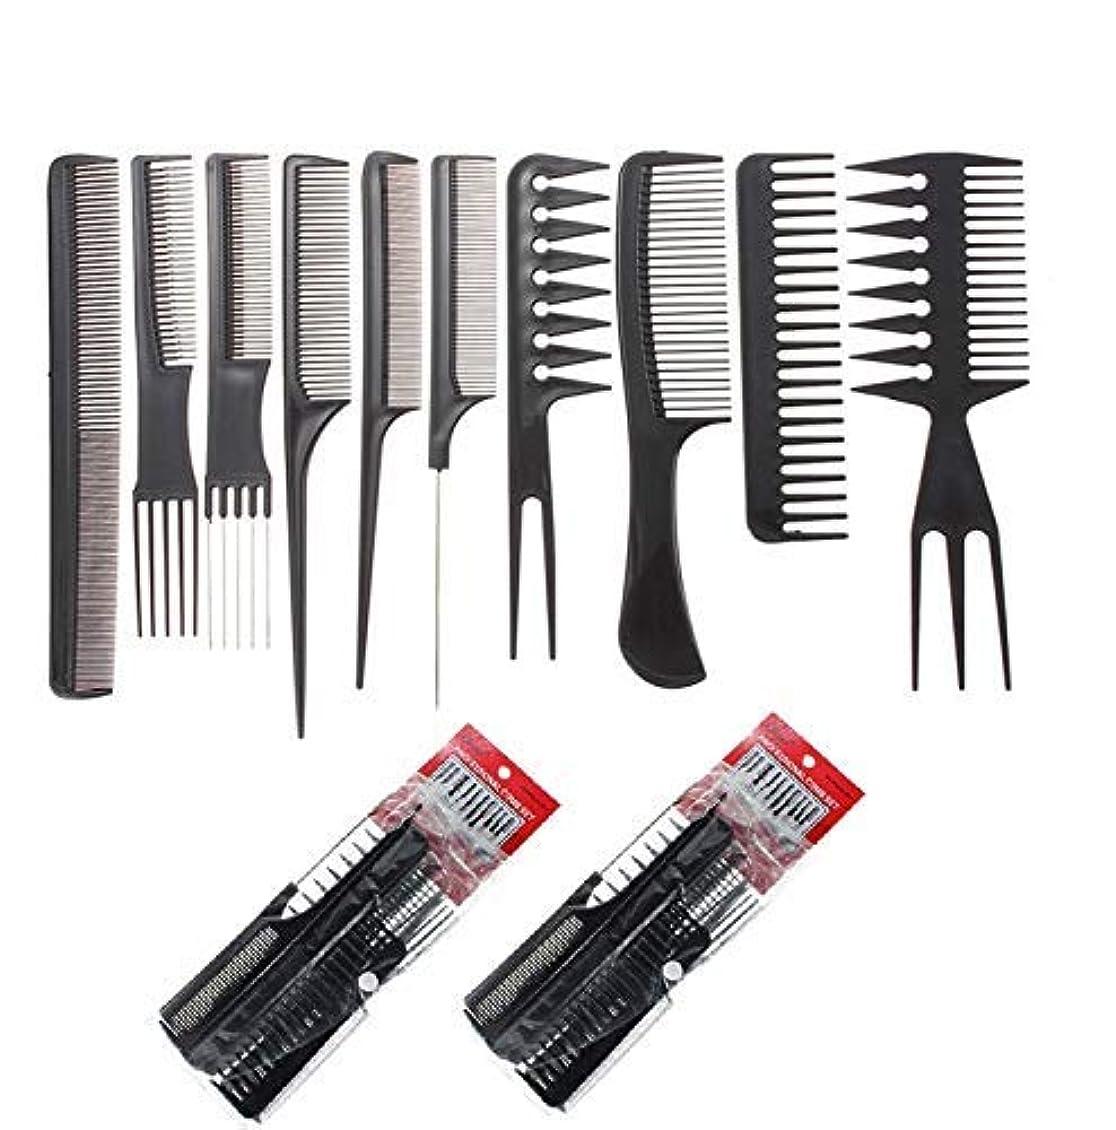 灌漑豊富に遠えSBYURE 20pcs Professional Styling Comb Set,10pcs/Set,2 Set Salon Hairdressing Combs Hair Care Styling Tools Hair...